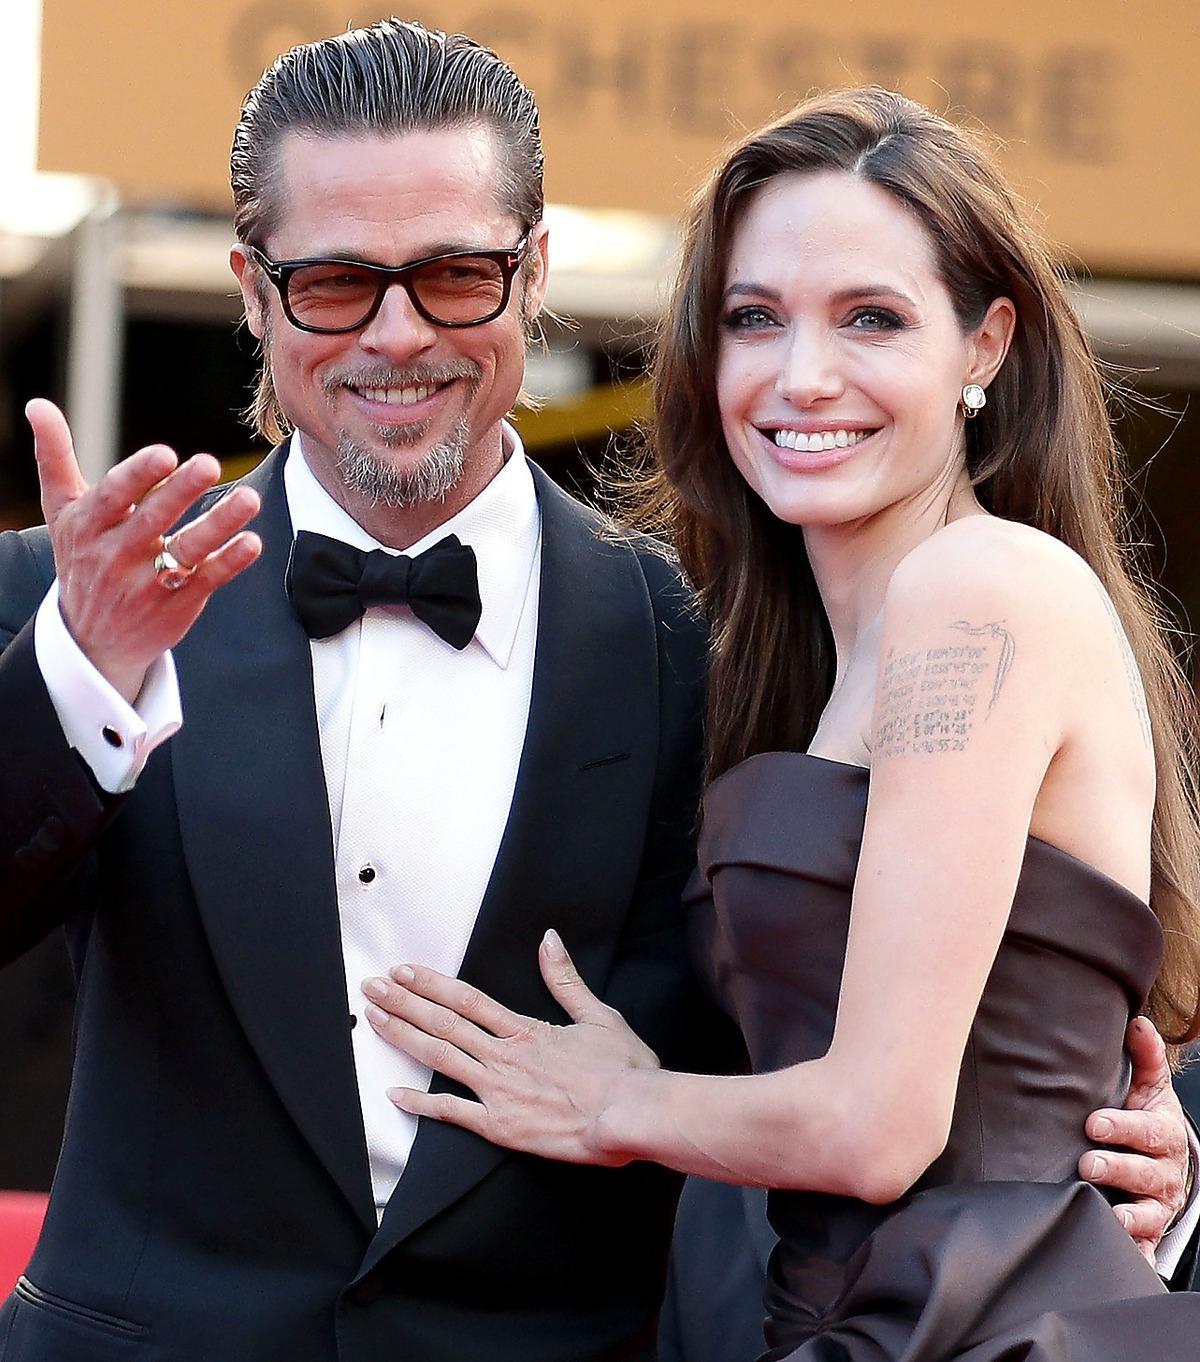 """SUGEN PÅ NYA UTMANINGAR  Brad Pitt och hustrun Angelina Jolie på väg in till visningen av """"The tree of life"""" i Cannes."""